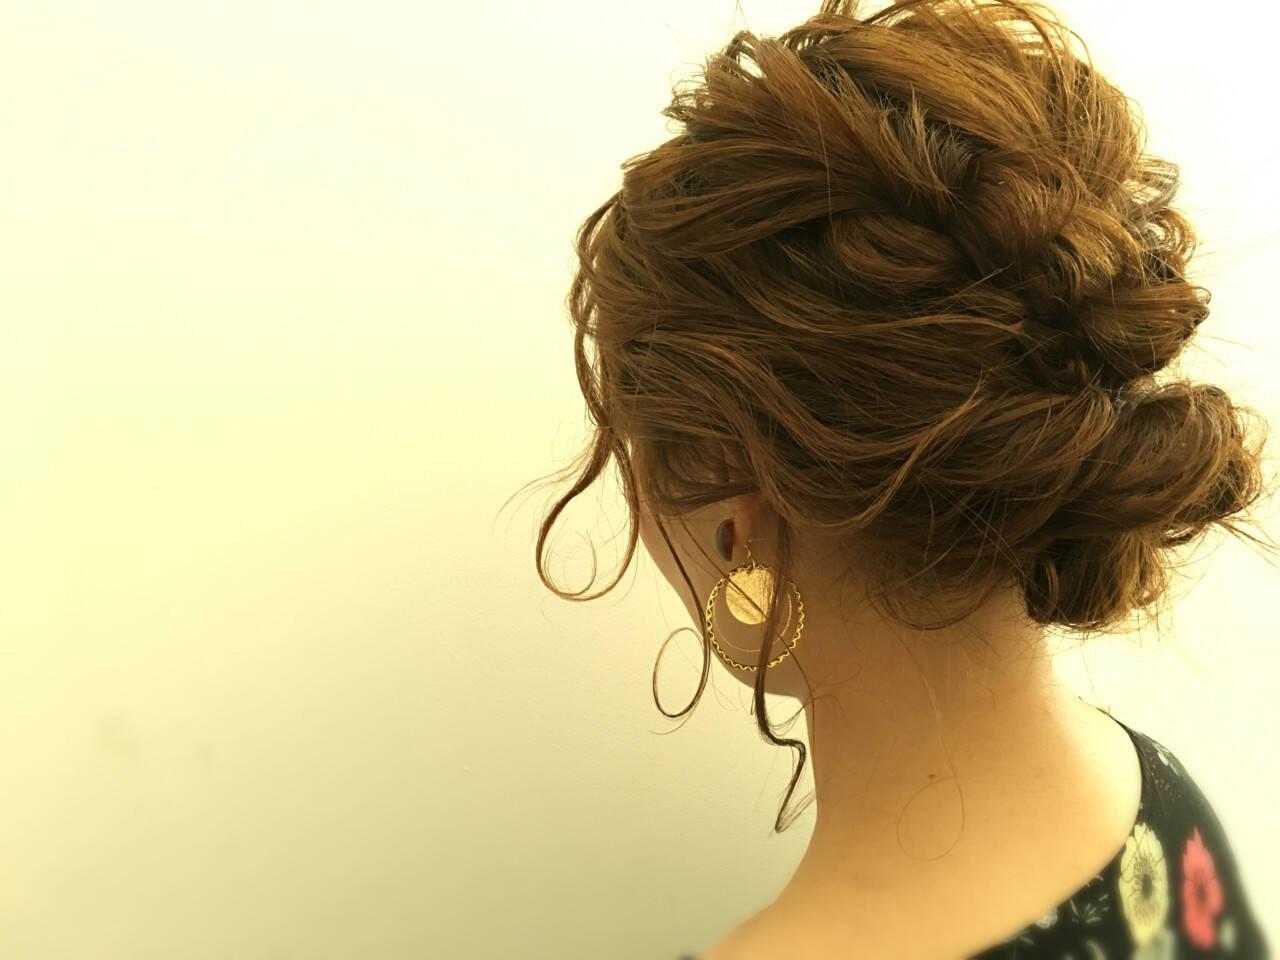 デート 女子会 ヘアアレンジ セミロングヘアスタイルや髪型の写真・画像